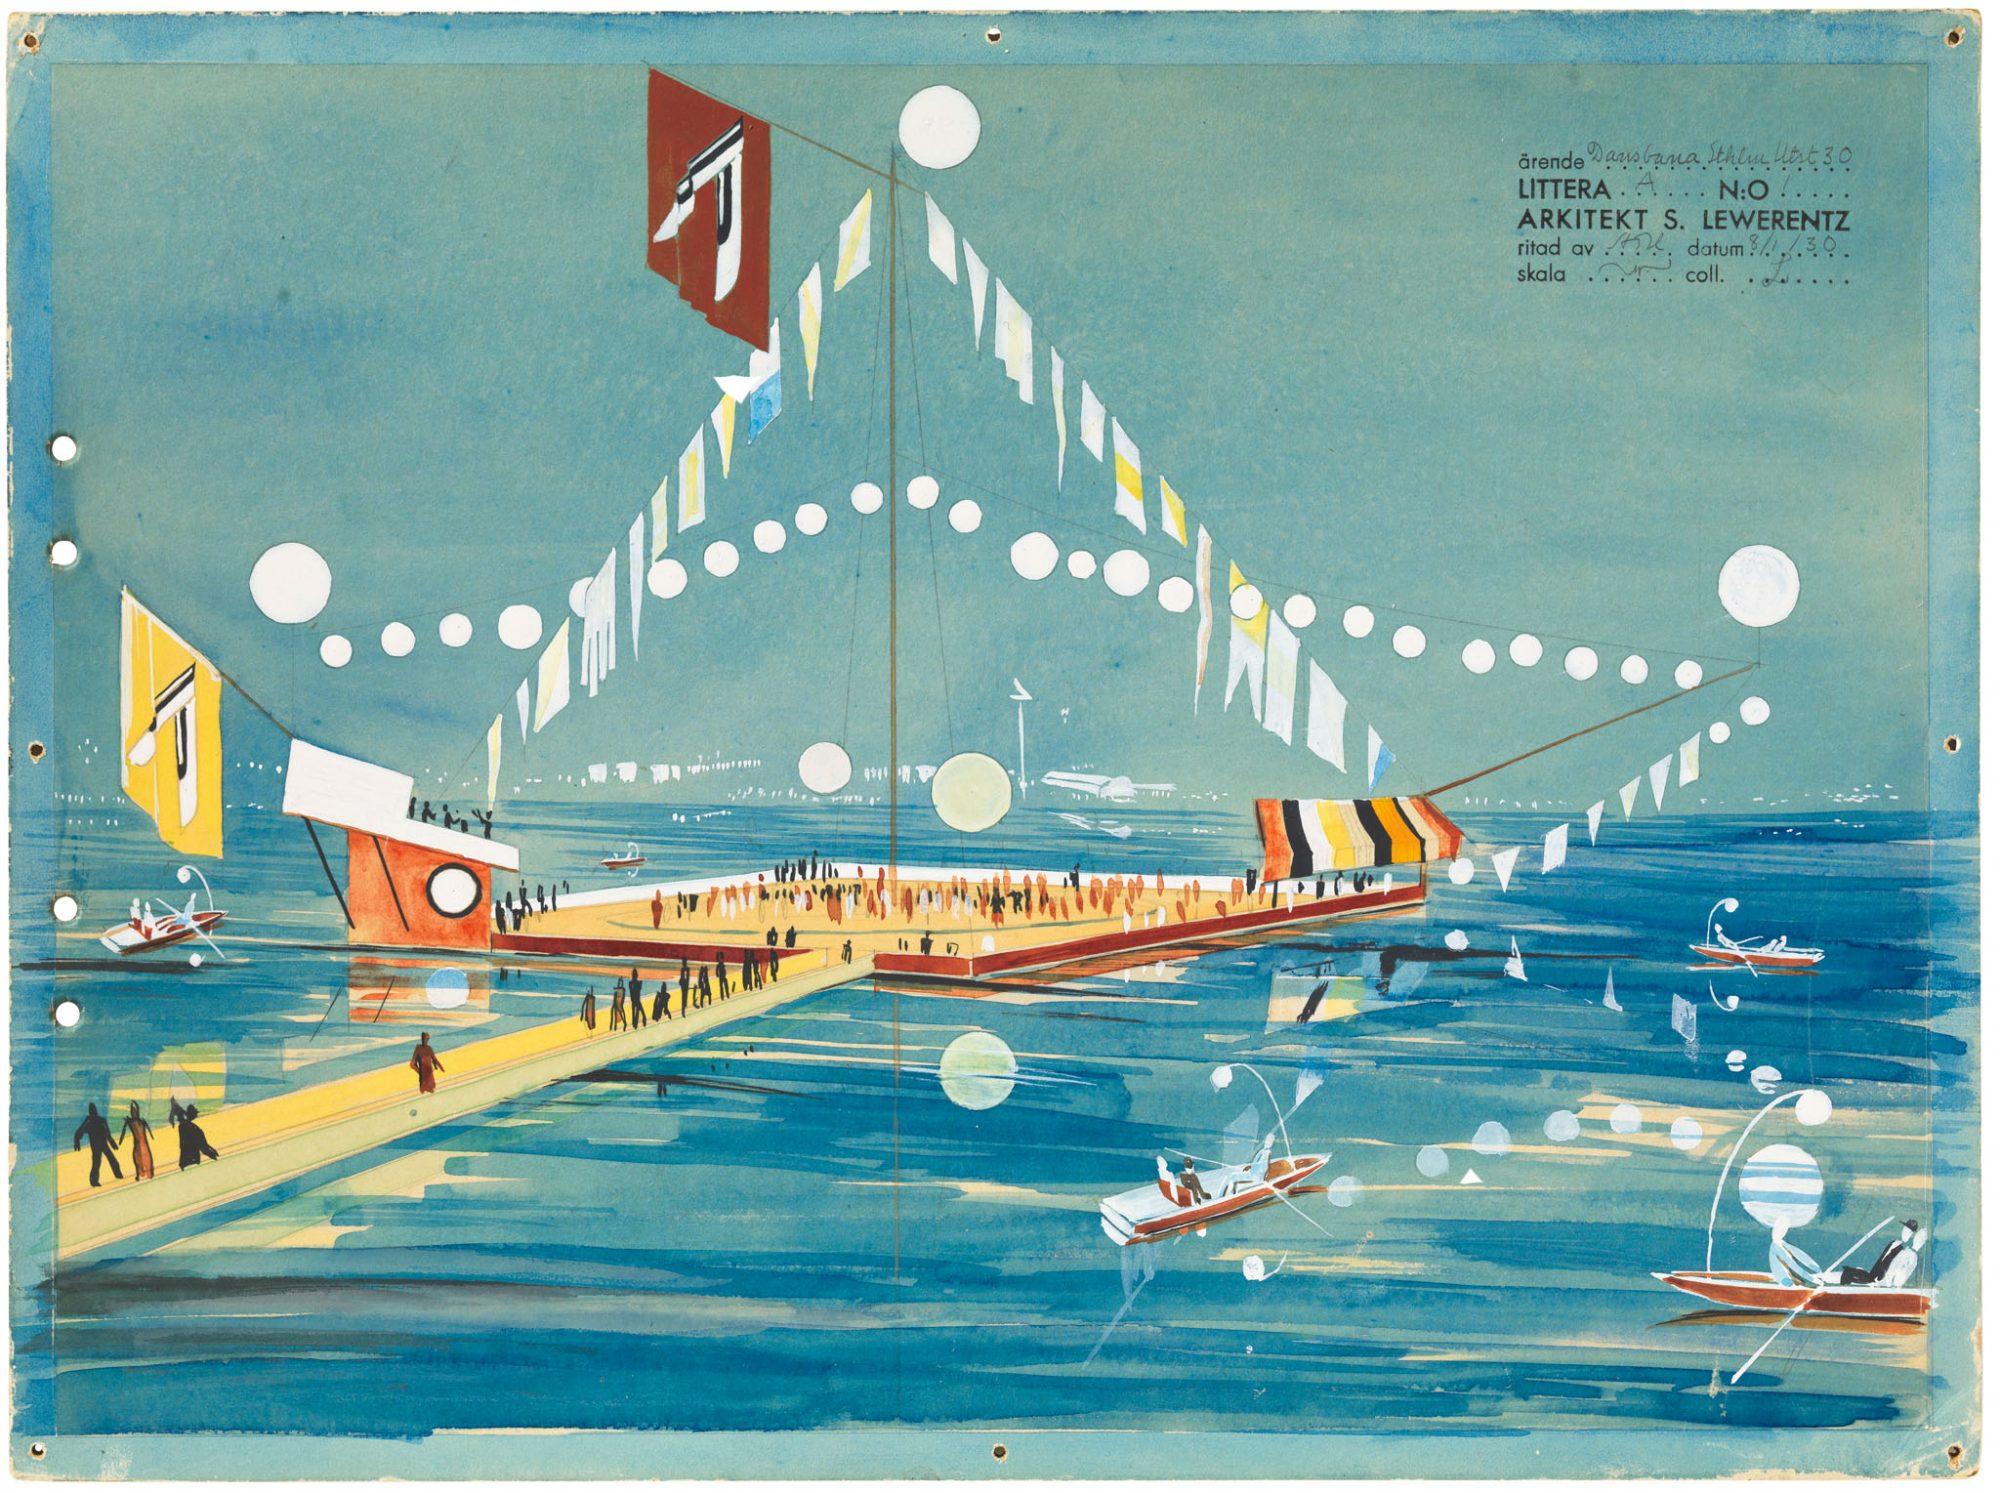 Sigurd Lewerentz: Dödens och livets arkitekt